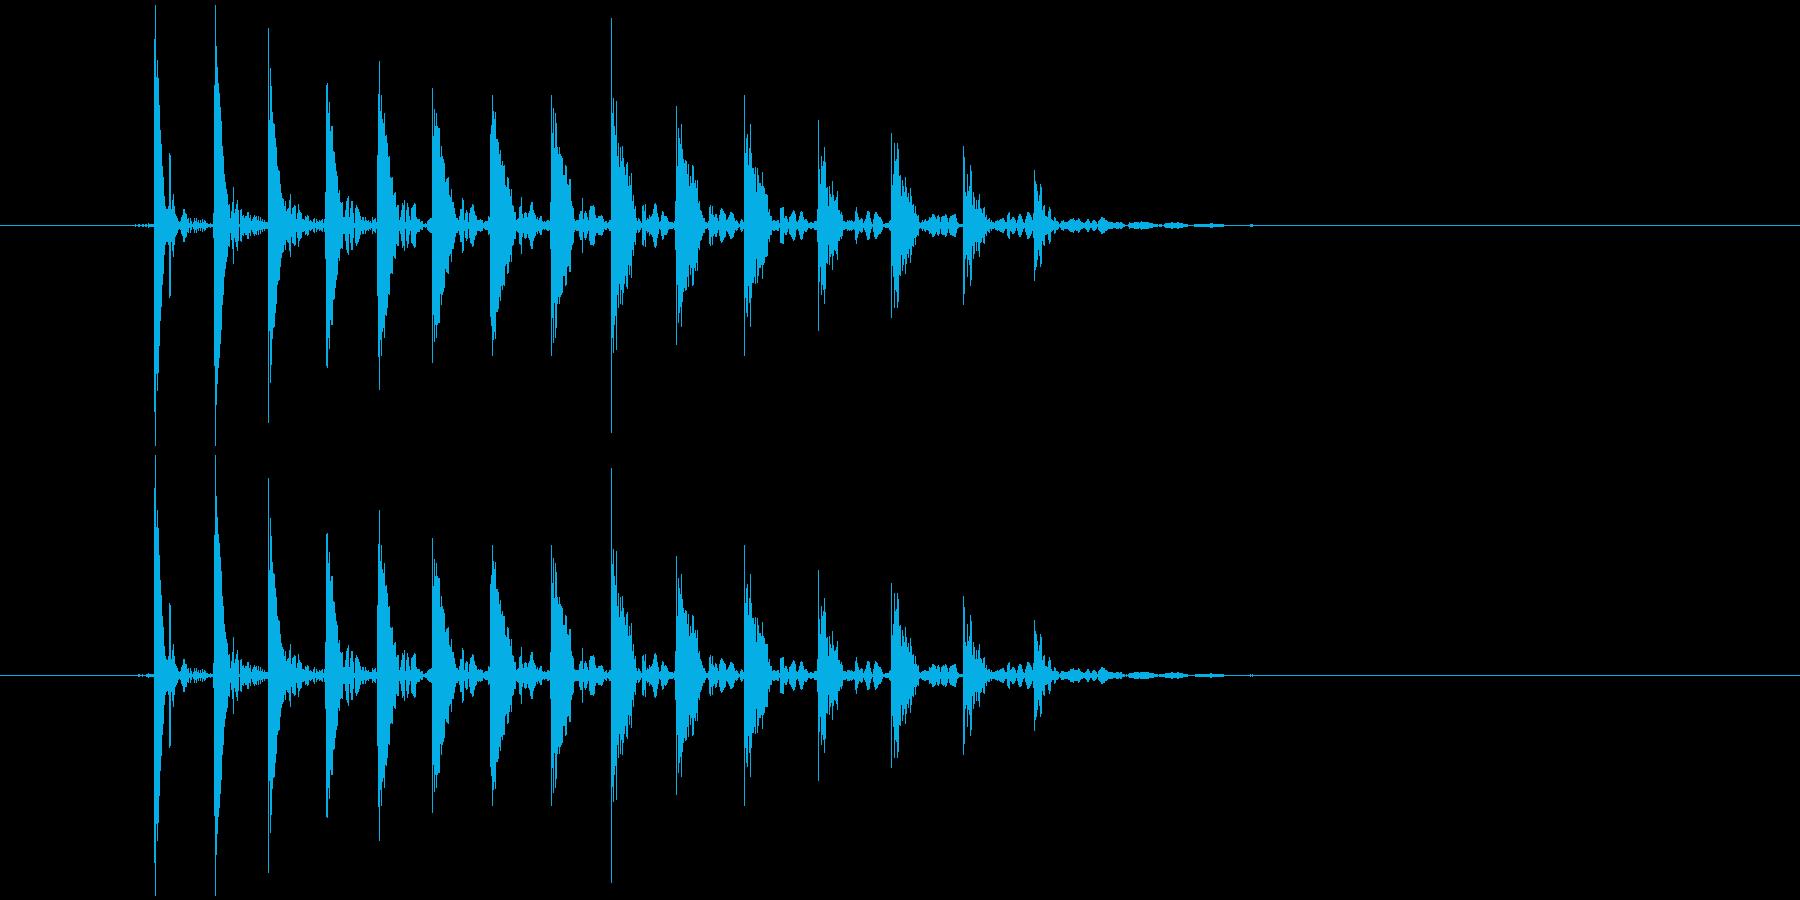 「ぽぽぽょょん」という不思議な音の再生済みの波形